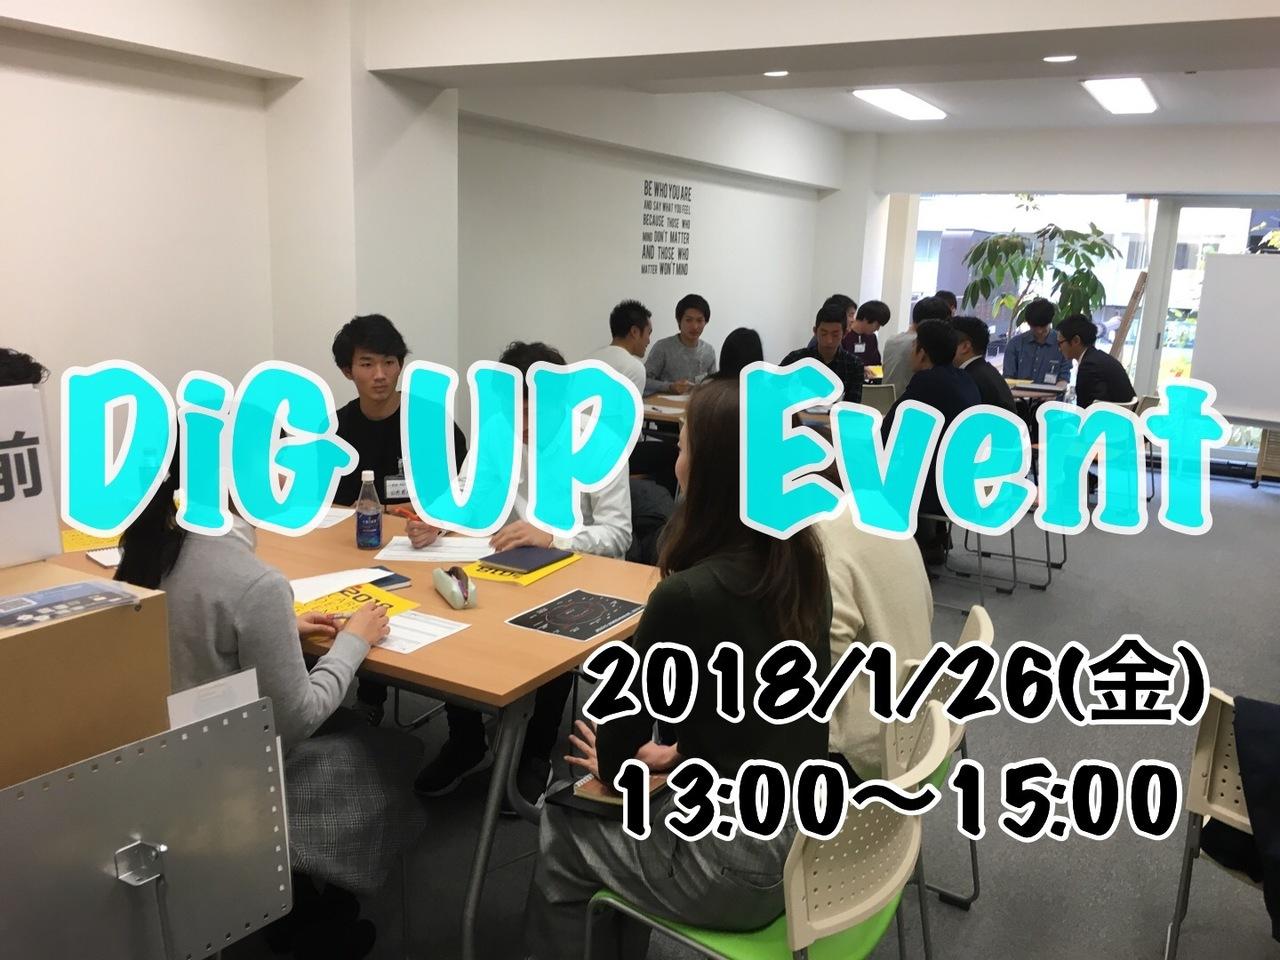 DiG upイベント 〜  1月26日(金) 13:00〜15:00  〜